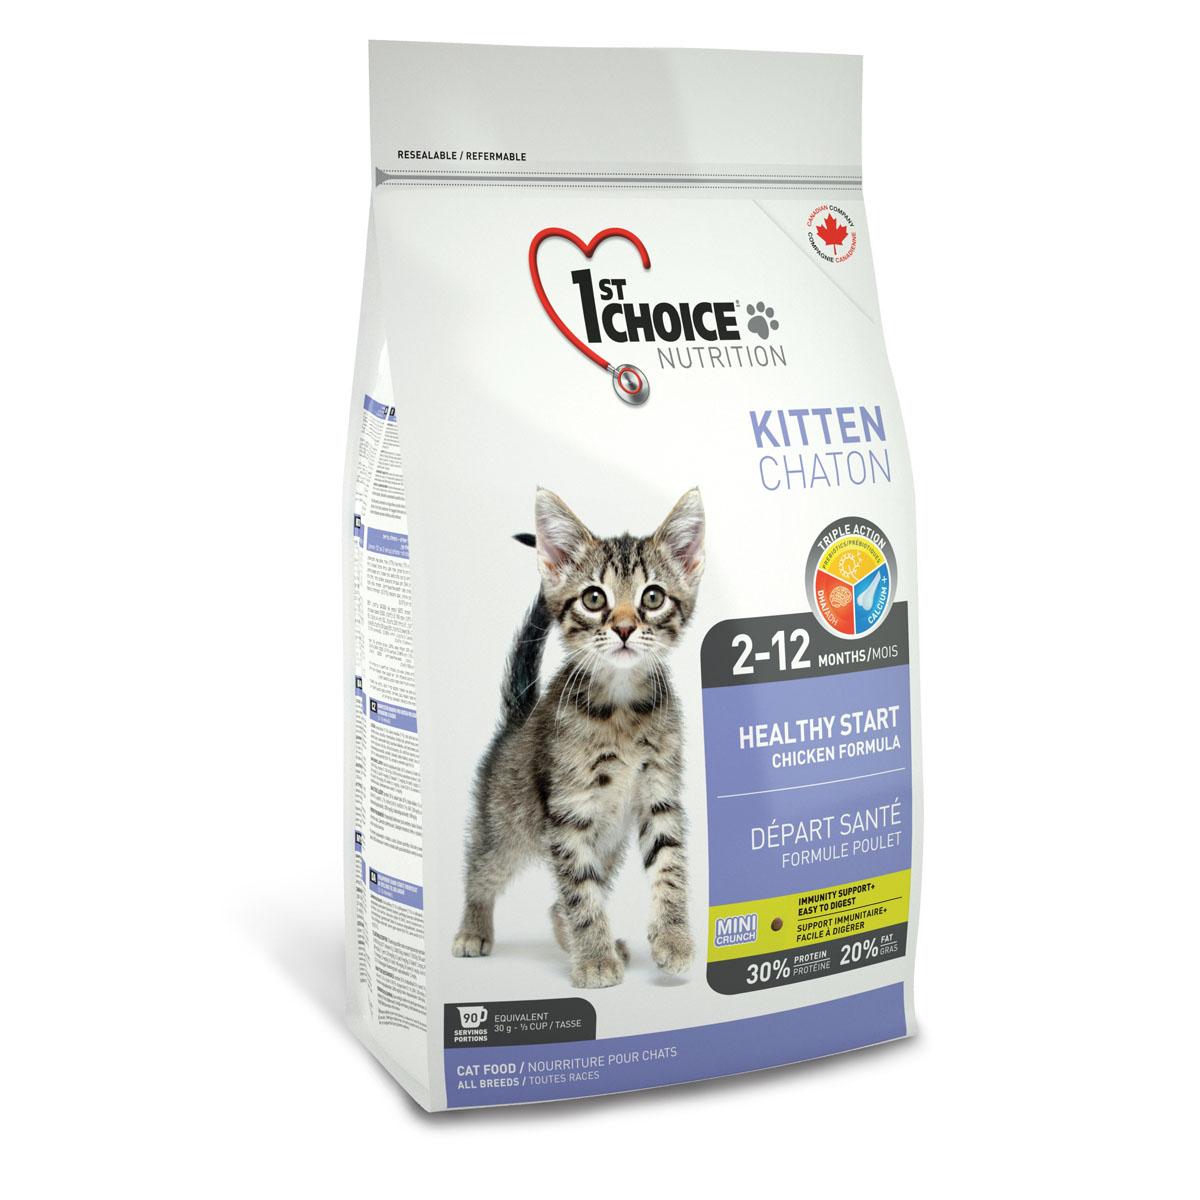 Корм сухой 1st Choice Kitten для котят, с курицей, 350 г0120710Сухой корм 1st Choice Kitten идеальная формула для начального прикорма котенка с 2 месяцев, когда он нуждается в новых источниках питания вместо материнского молока. При этом нет необходимости разделять котенка с мамой. Корм содержит все необходимое не только для растущего организма, но и для беременных и кормящих кошек. Оптимальное питание для старта в здоровую жизнь! Мелкие гранулы легко усваиваются в организме котенка,укрепляя иммунитет, полученный от матери. Входящий в состав жир лосося - самый лучший источник DHA (докозагексаеновой кислоты), которая обеспечивает оптимальное развитие центральной нервной системы, головного мозга и зрения.Пребиотики поддерживают иммунитет и способствуют хорошему пищеварению, кальций - правильному развитию костной системы котёнка. DHA развивает центральную нервную систему, головной мозг и зрение.Ингредиенты: свежая курица 17%, мука из мяса курицы 17%, рис, куриный жир, сохраненный смесью натуральных токоферолов (витамин Е), гороховый протеин, сушеное яйцо, мука из американской сельди (менхаден), коричневый рис, специально обработанные ядра ячменя и овса, гидролизат куриной печени, мякоть свеклы, клетчатка гороха, цельное семя льна, жир лосося (источник DHA), сушеная мякоть томата, калия хлорид, лецитин, холина хлорид, соль, кальция пропионат, кальция карбонат, экстракт дрожжей (источник маннан-олигосахаридов), таурин, натрия бисульфат, DL-метионин, экстракт цикория (источник инулина), железа сульфат, аскорбиновая кислота (витамин С), L-лизин, цинка оксид, натрия селенит, альфа-токоферол ацетат (витамин Е), никотиновая кислота, экстракт юкки Шидигера, кальция иодат, марганца оксид, D-кальция пантотенат, тиамина мононитрат, рибофлавин, пиридоксина гидрохлорид, витамин А, холекальциферол (витамин Д3), цинка протеинат, биотин, сушеная мята 0,01%, сушеная петрушка 0,01%, экстракт зеленого чая 0,01%, марганца протеинат, витамин В12, кобальта карбонат, фолиевая кислота, меди п